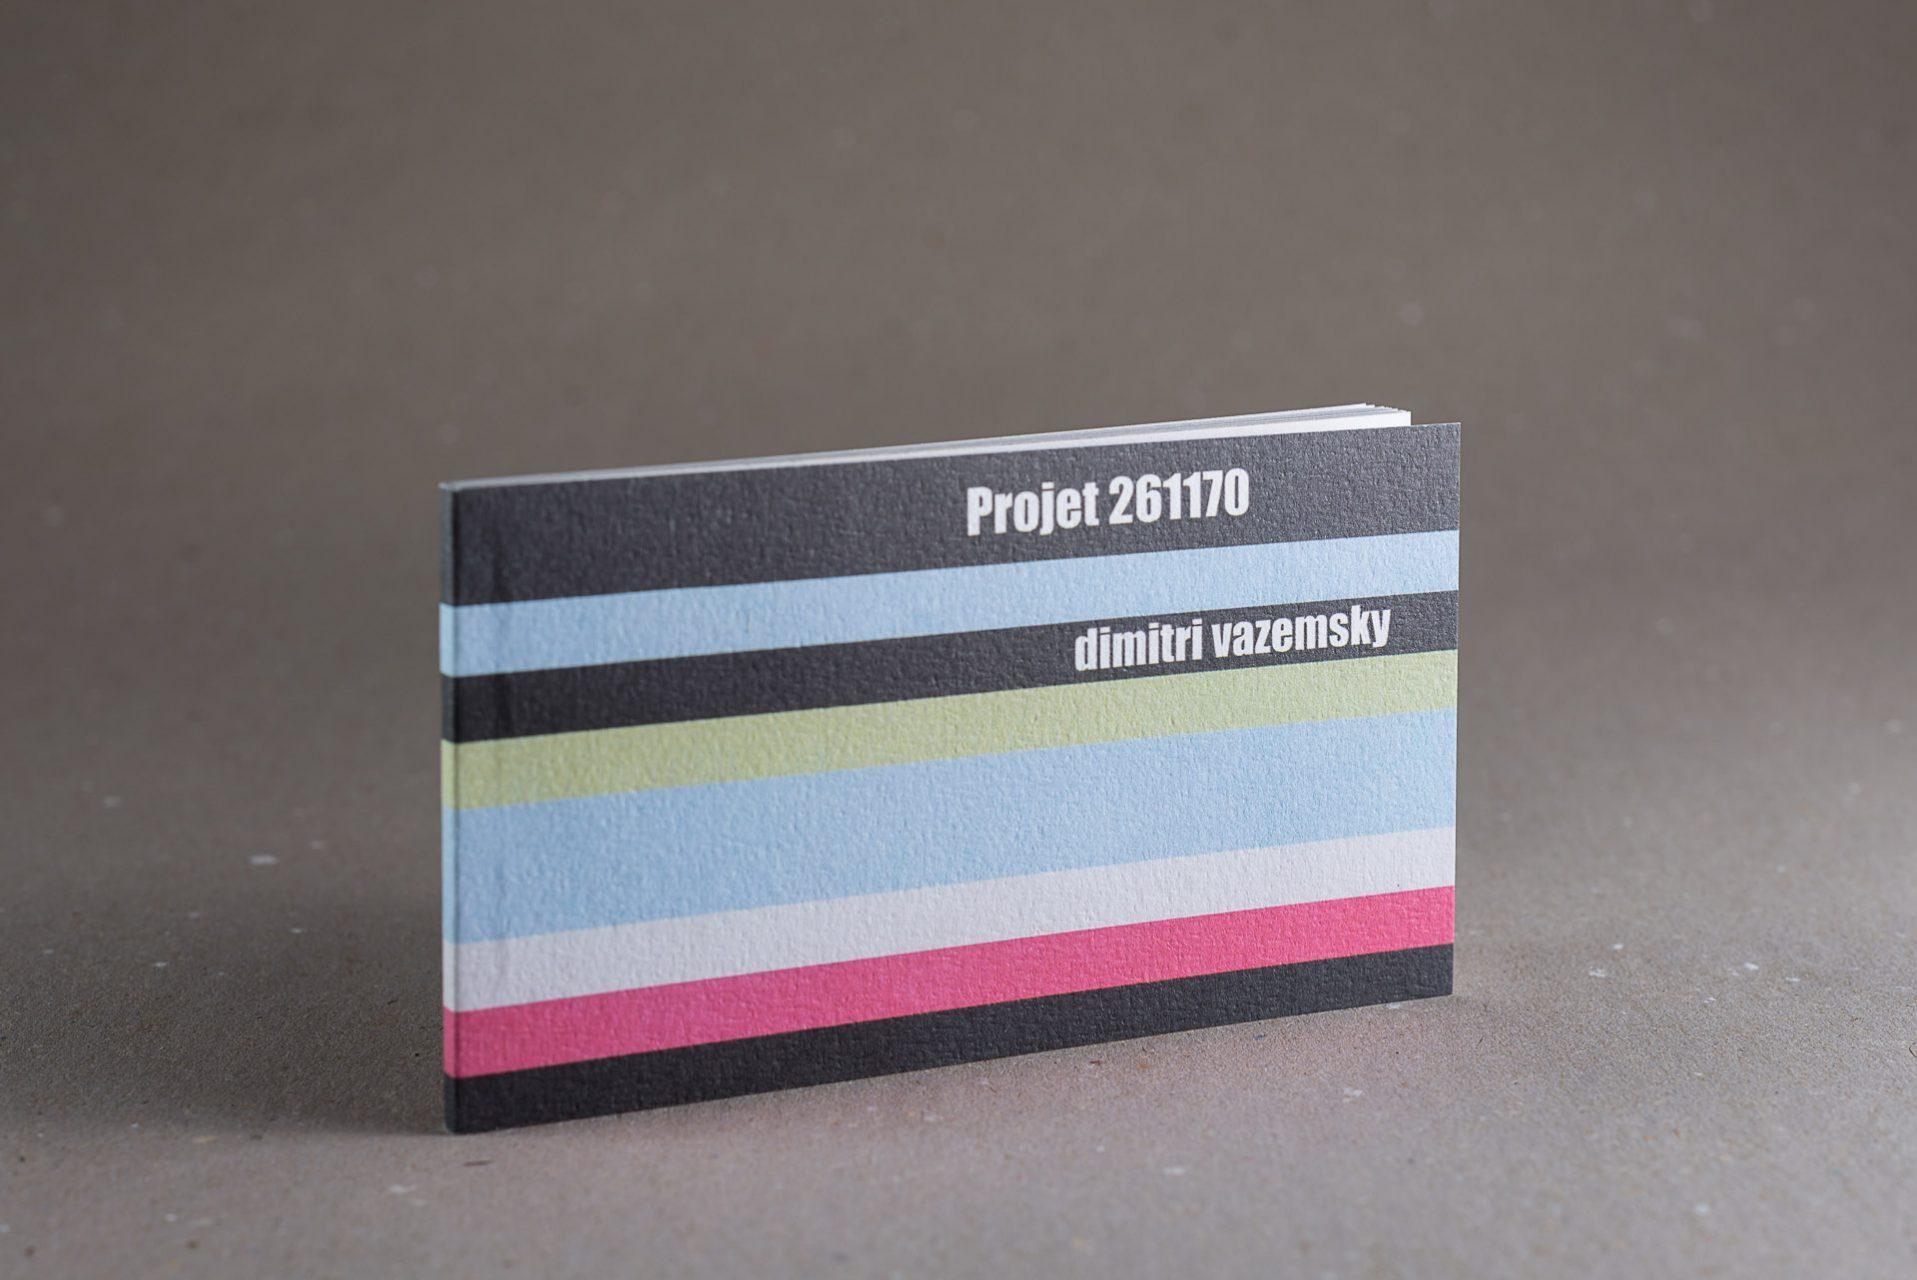 web-hd-nuit-myrtide-livre-projet-261170-dimitri-vazemsky-01